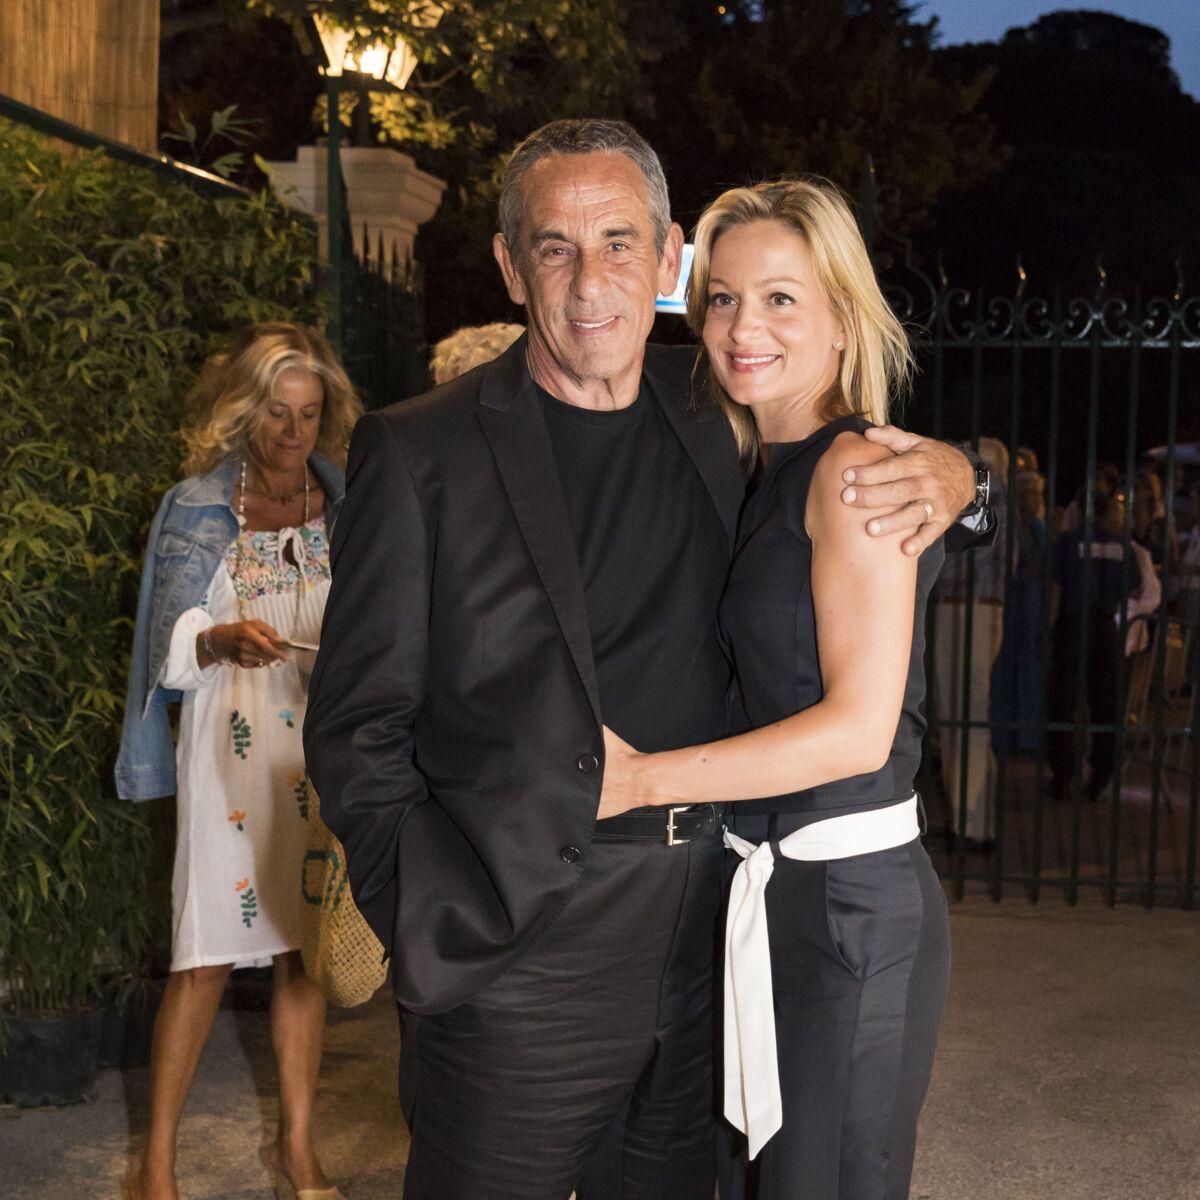 Thierry Ardisson Et Audrey Crespo Mara Comment Se Sont Ils Rencontrés Femme Actuelle Le Mag